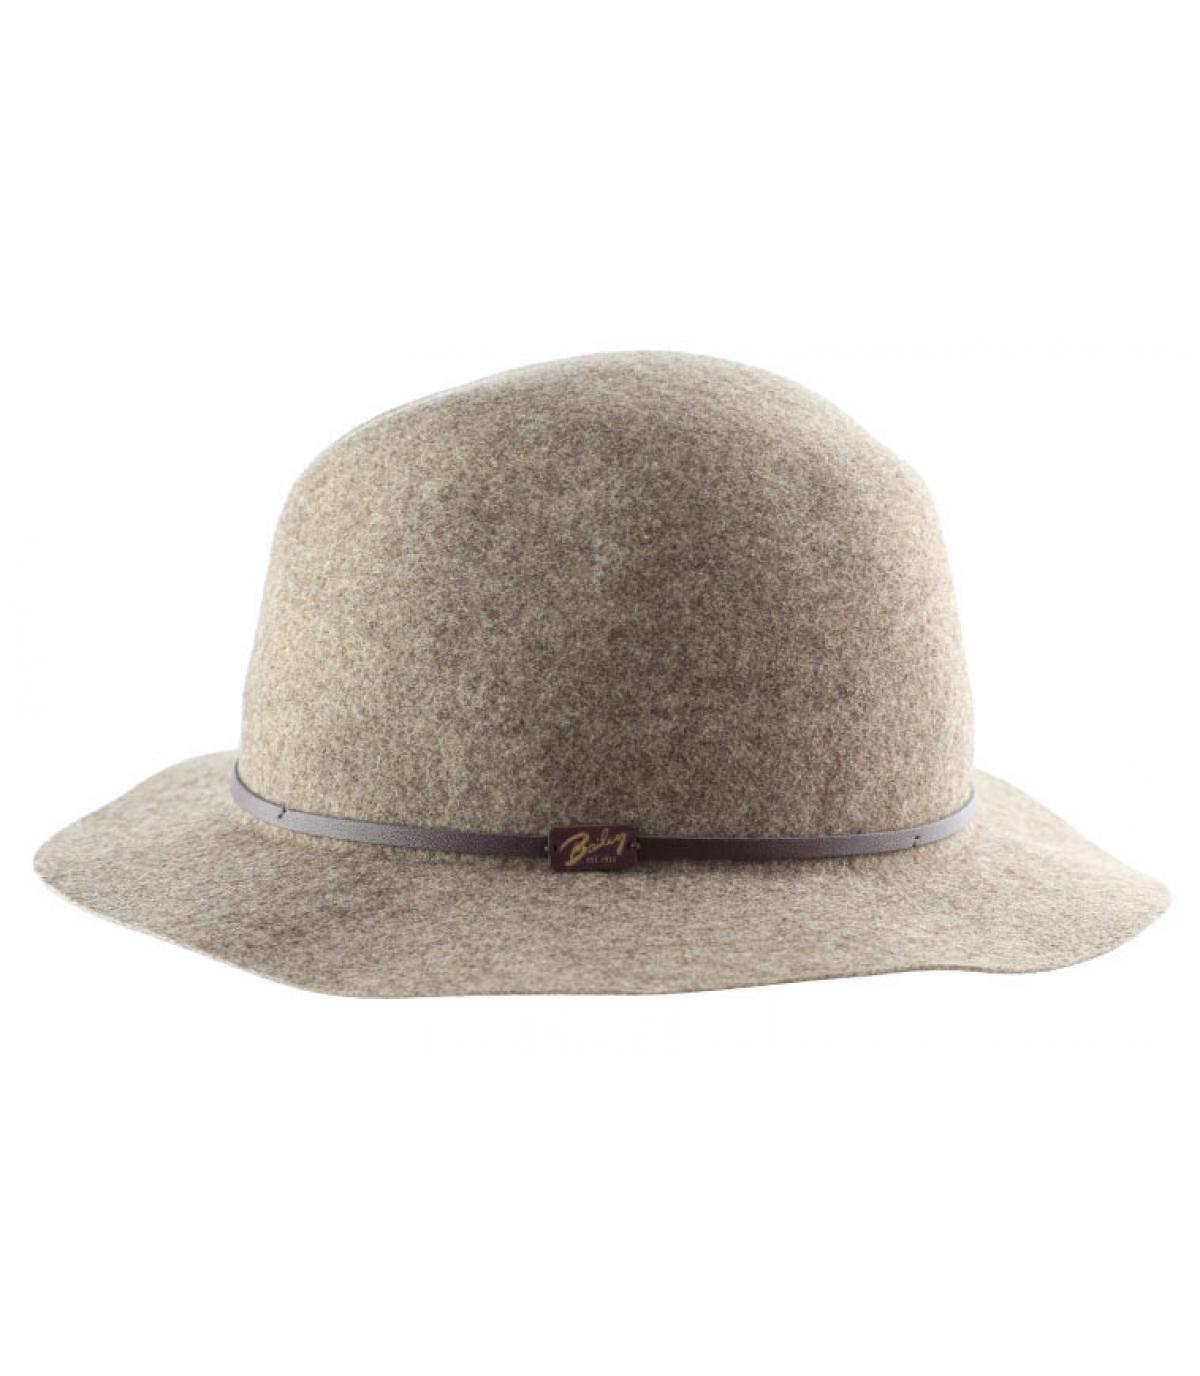 los hombres sombrero de ala flexibles - Jackman dk brown de Bailey ... b6a522b6cb6